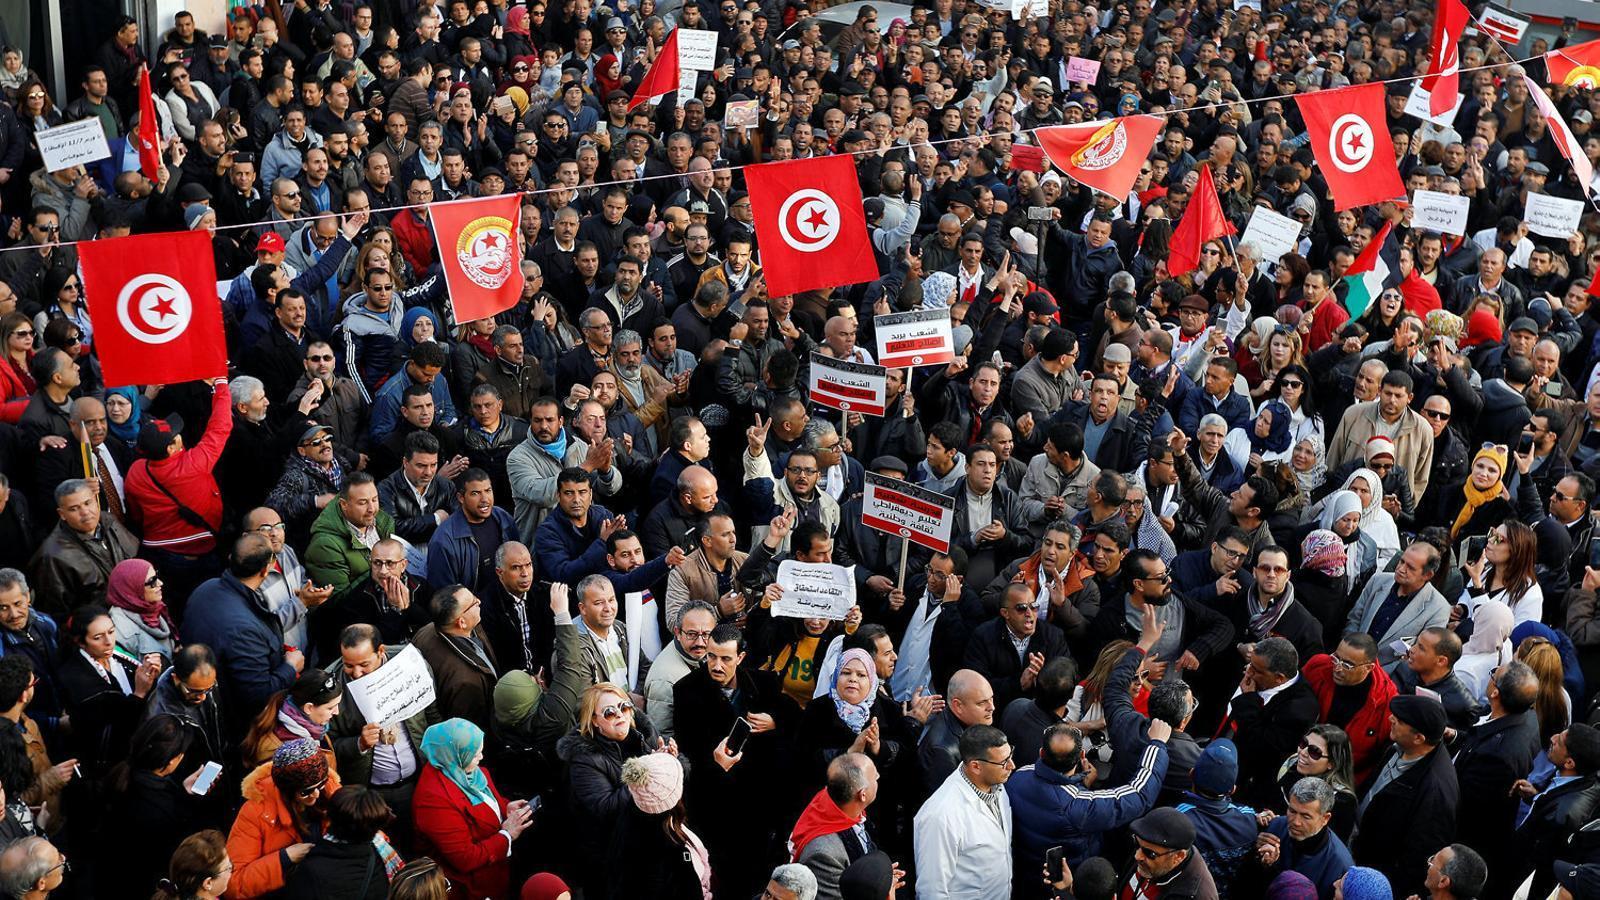 Llums i ombres dels vuit anys  de la Primavera Tunisiana